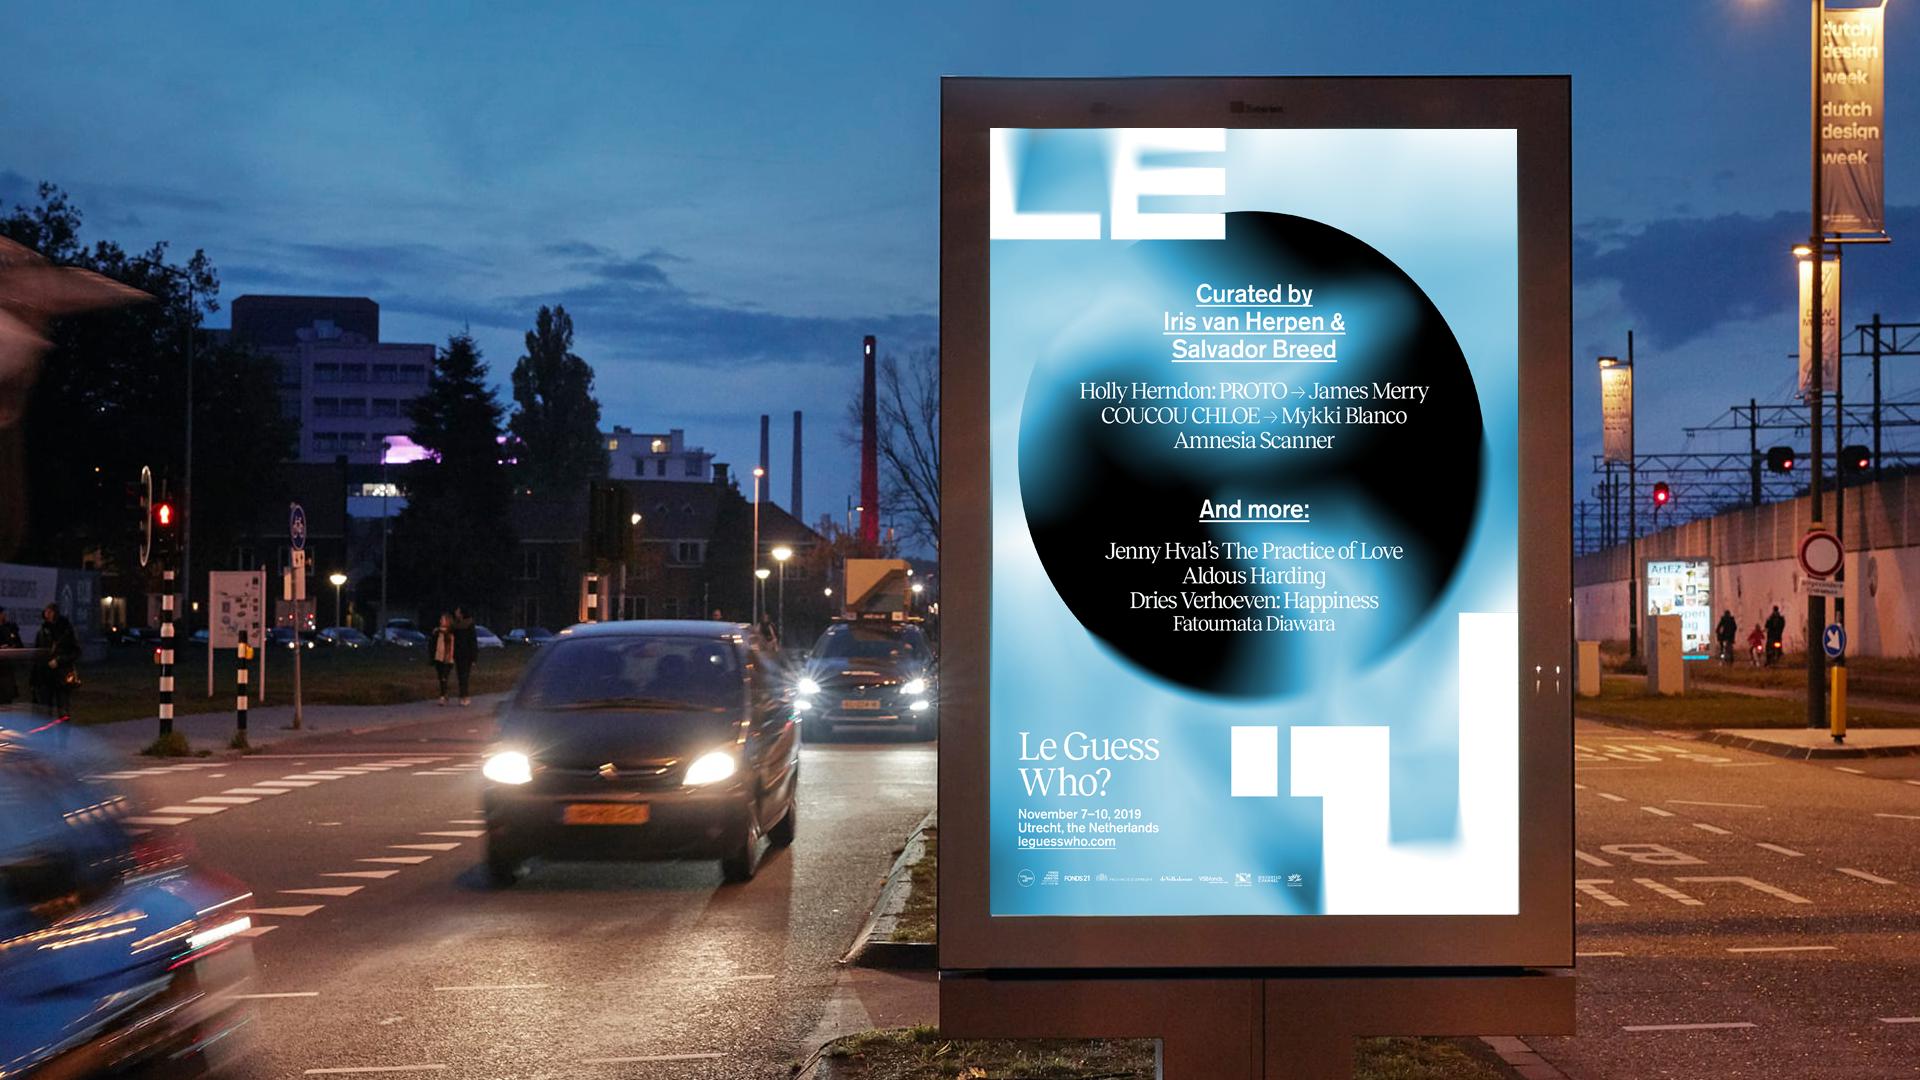 LGW-dutch-design-week